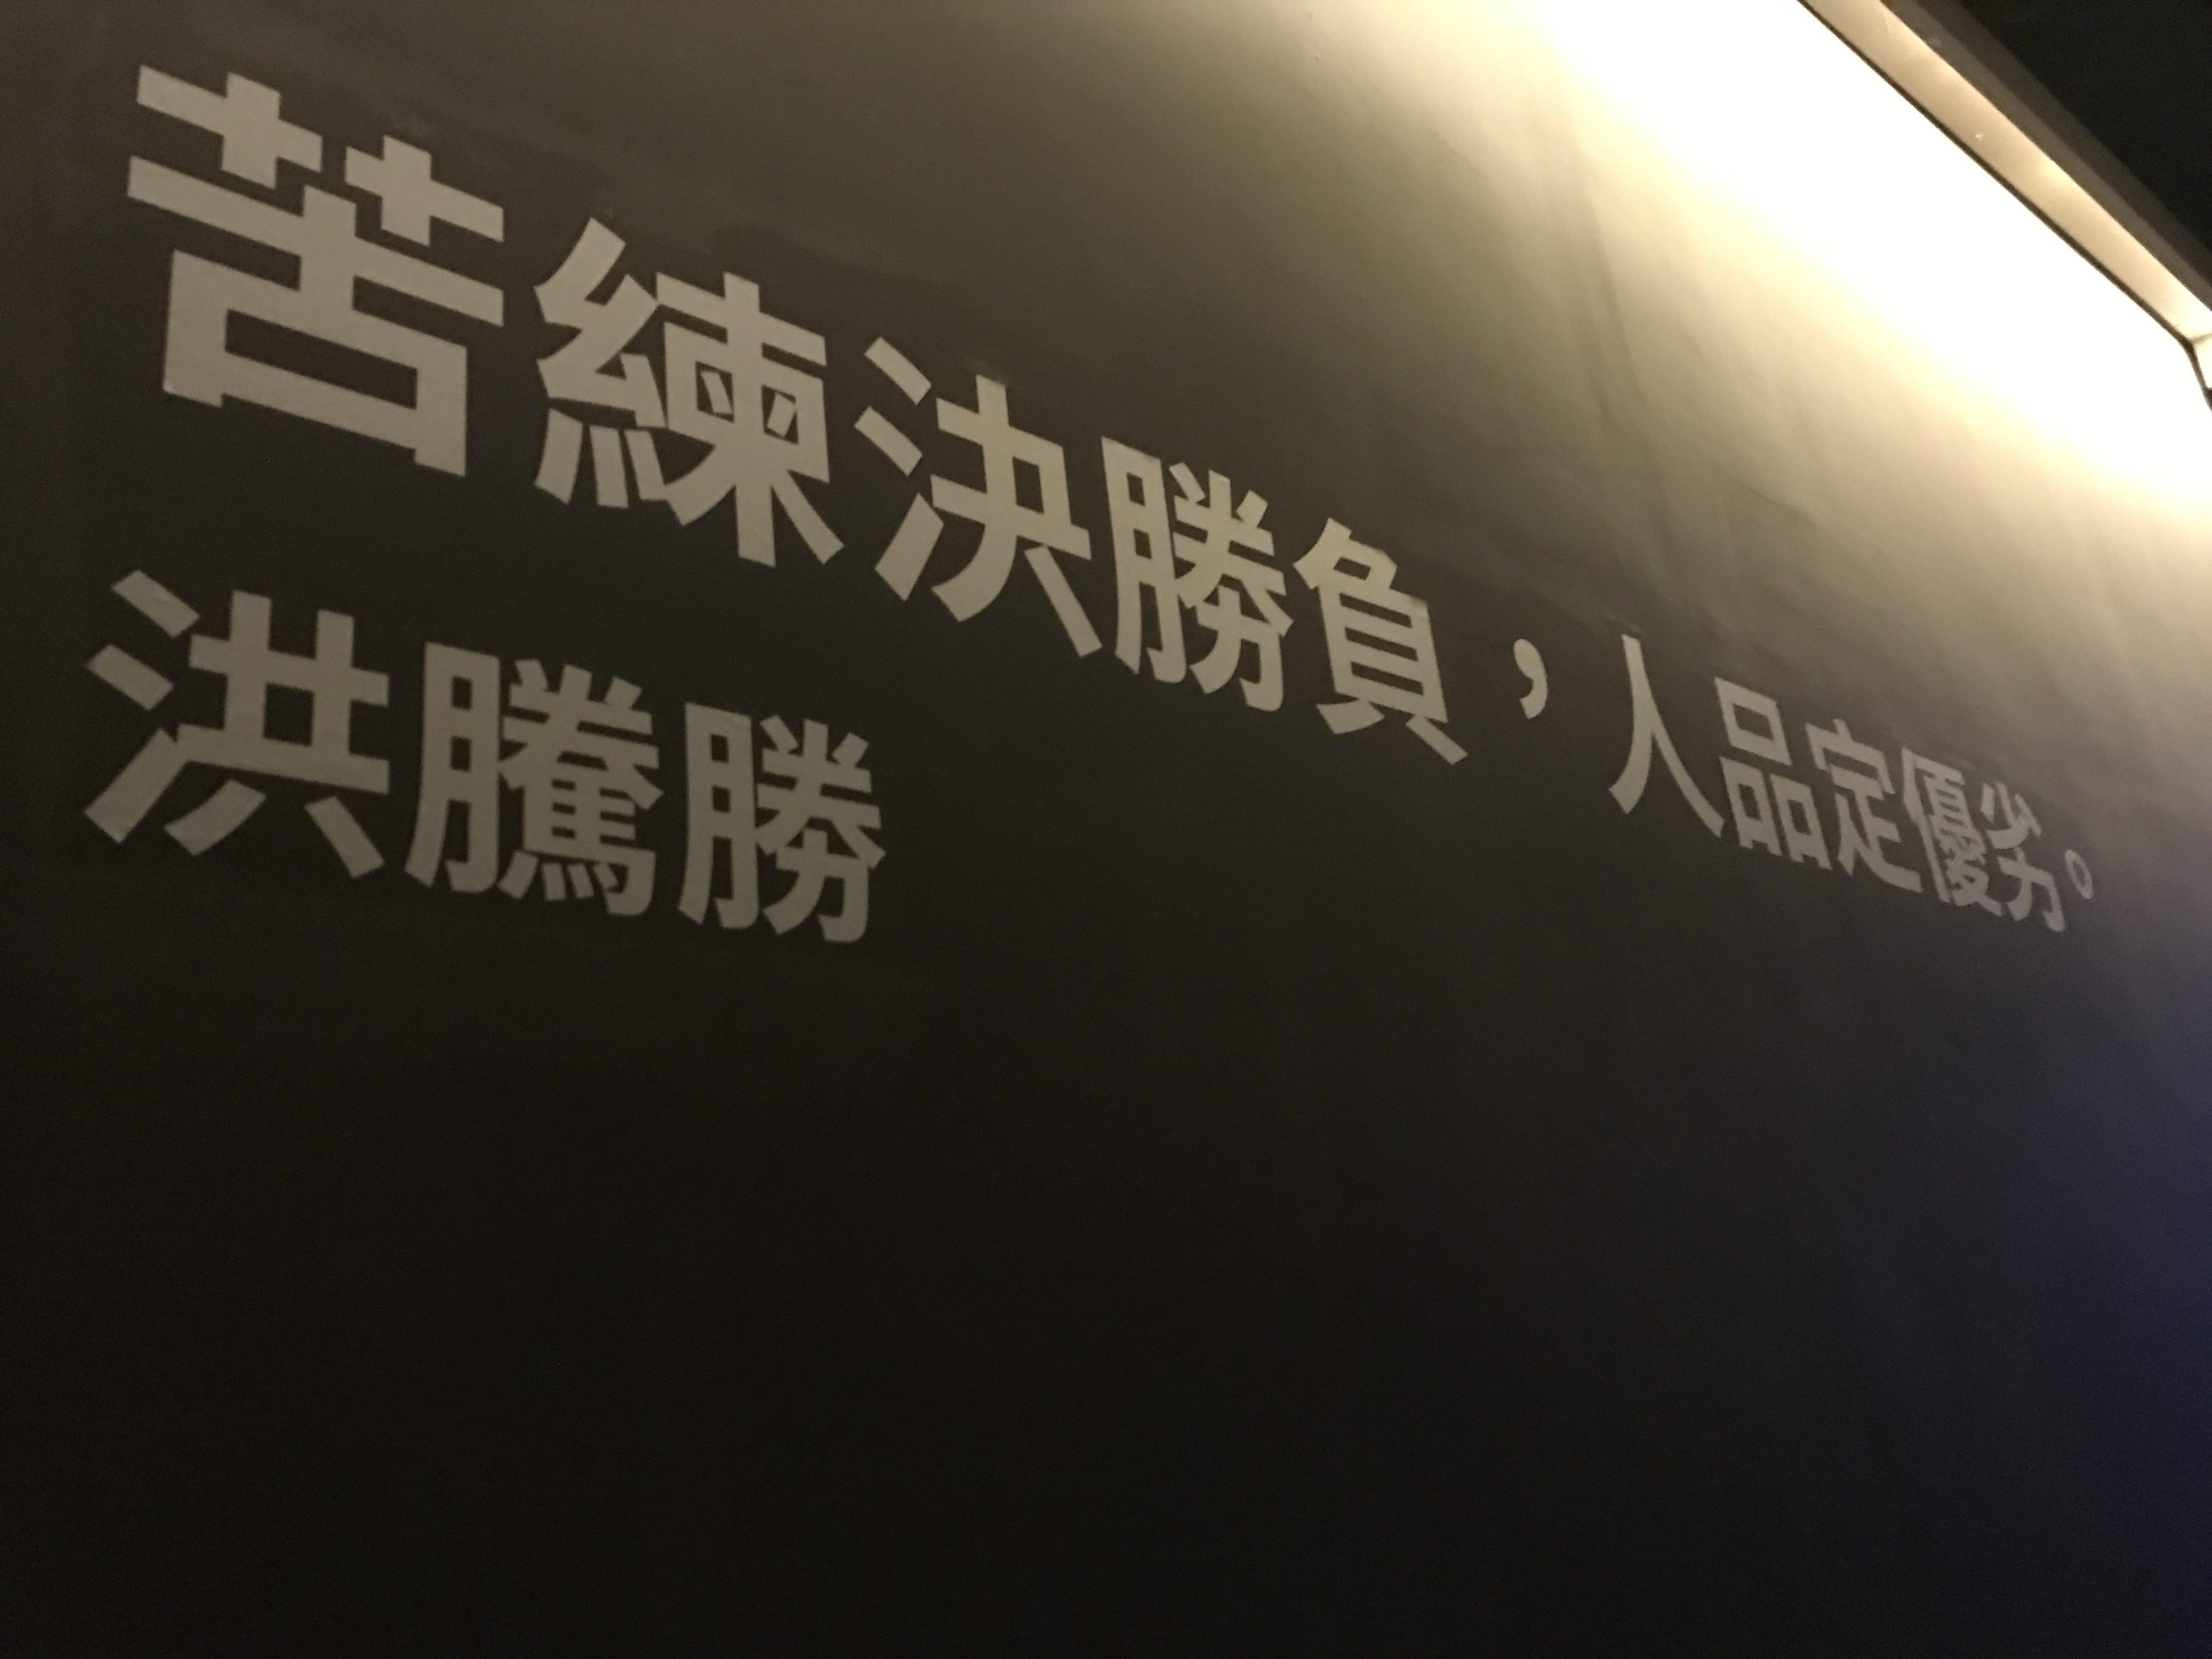 中華職棒30週年特展-無人出局 | 鋒哥、恰恰引退展品千萬別錯過